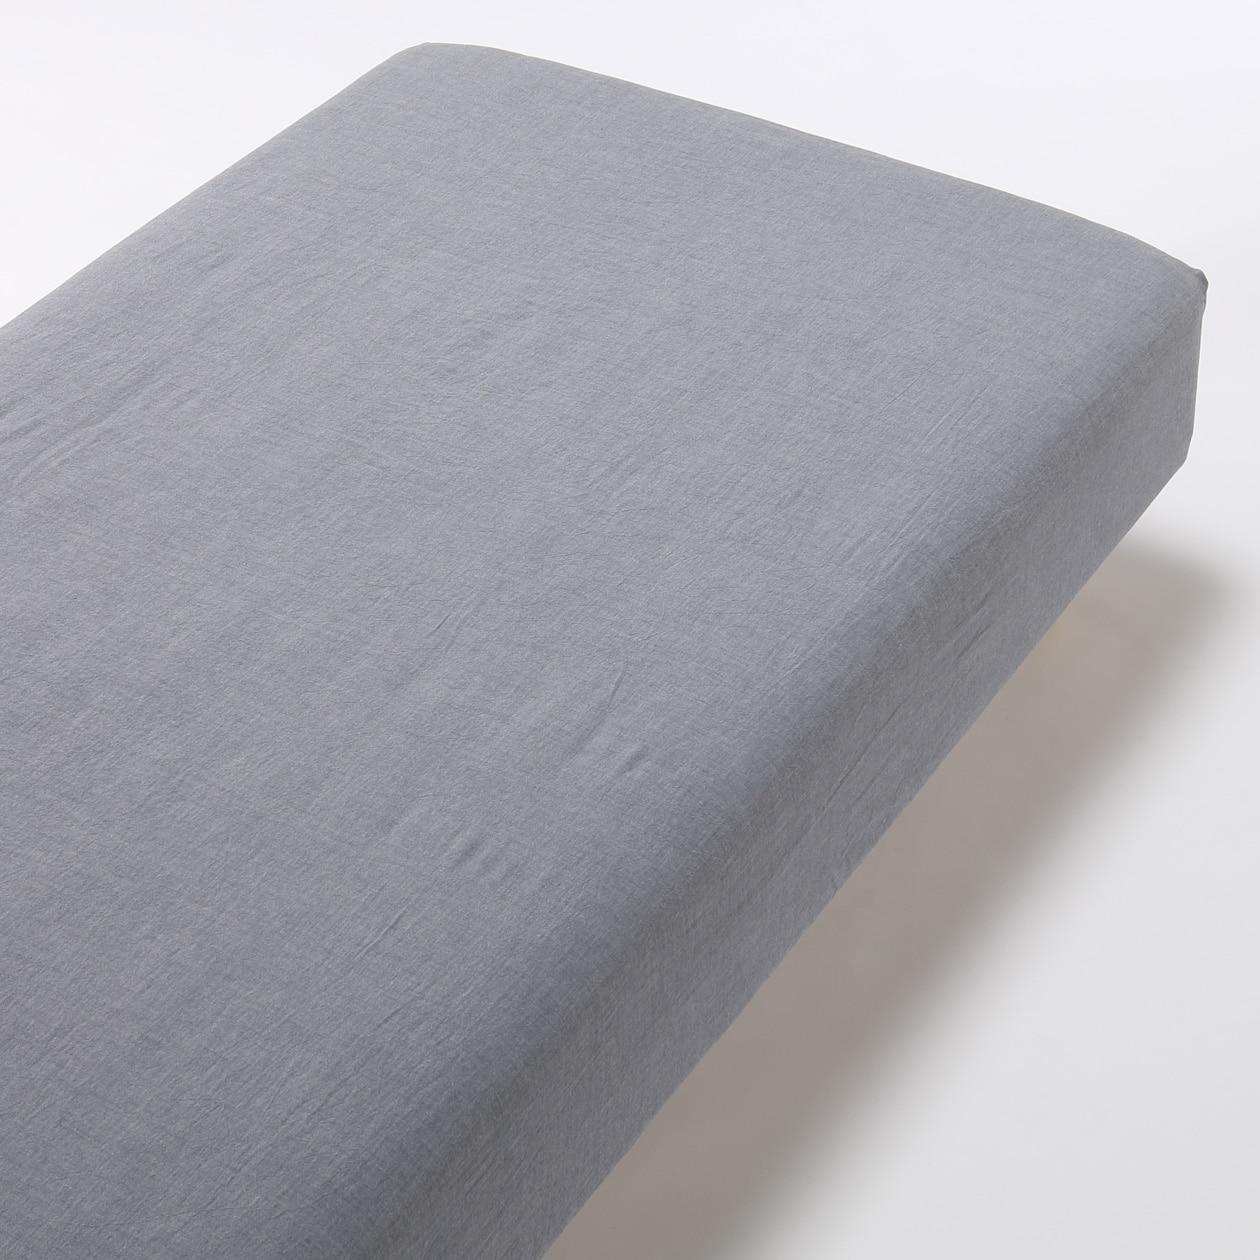 オーガニックコットン洗いざらしボックスシーツ・D/生成 D/ダークブルーの写真